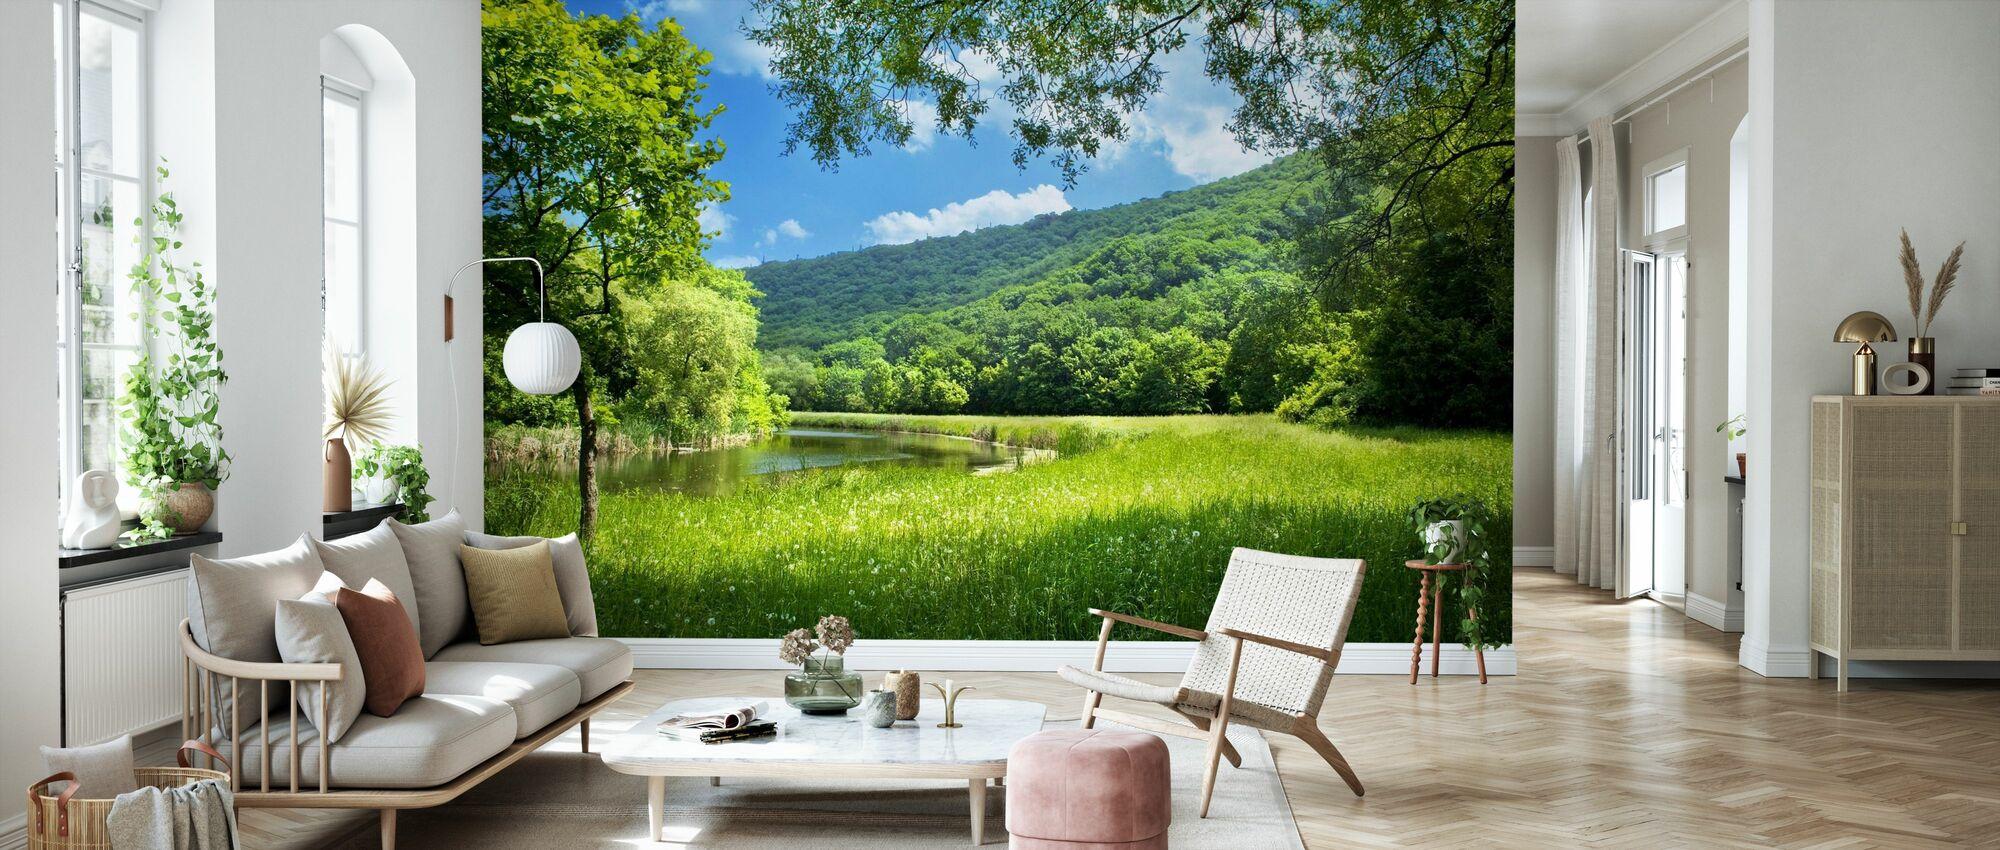 paysage d'été avec rivière - Papier peint - Salle à manger